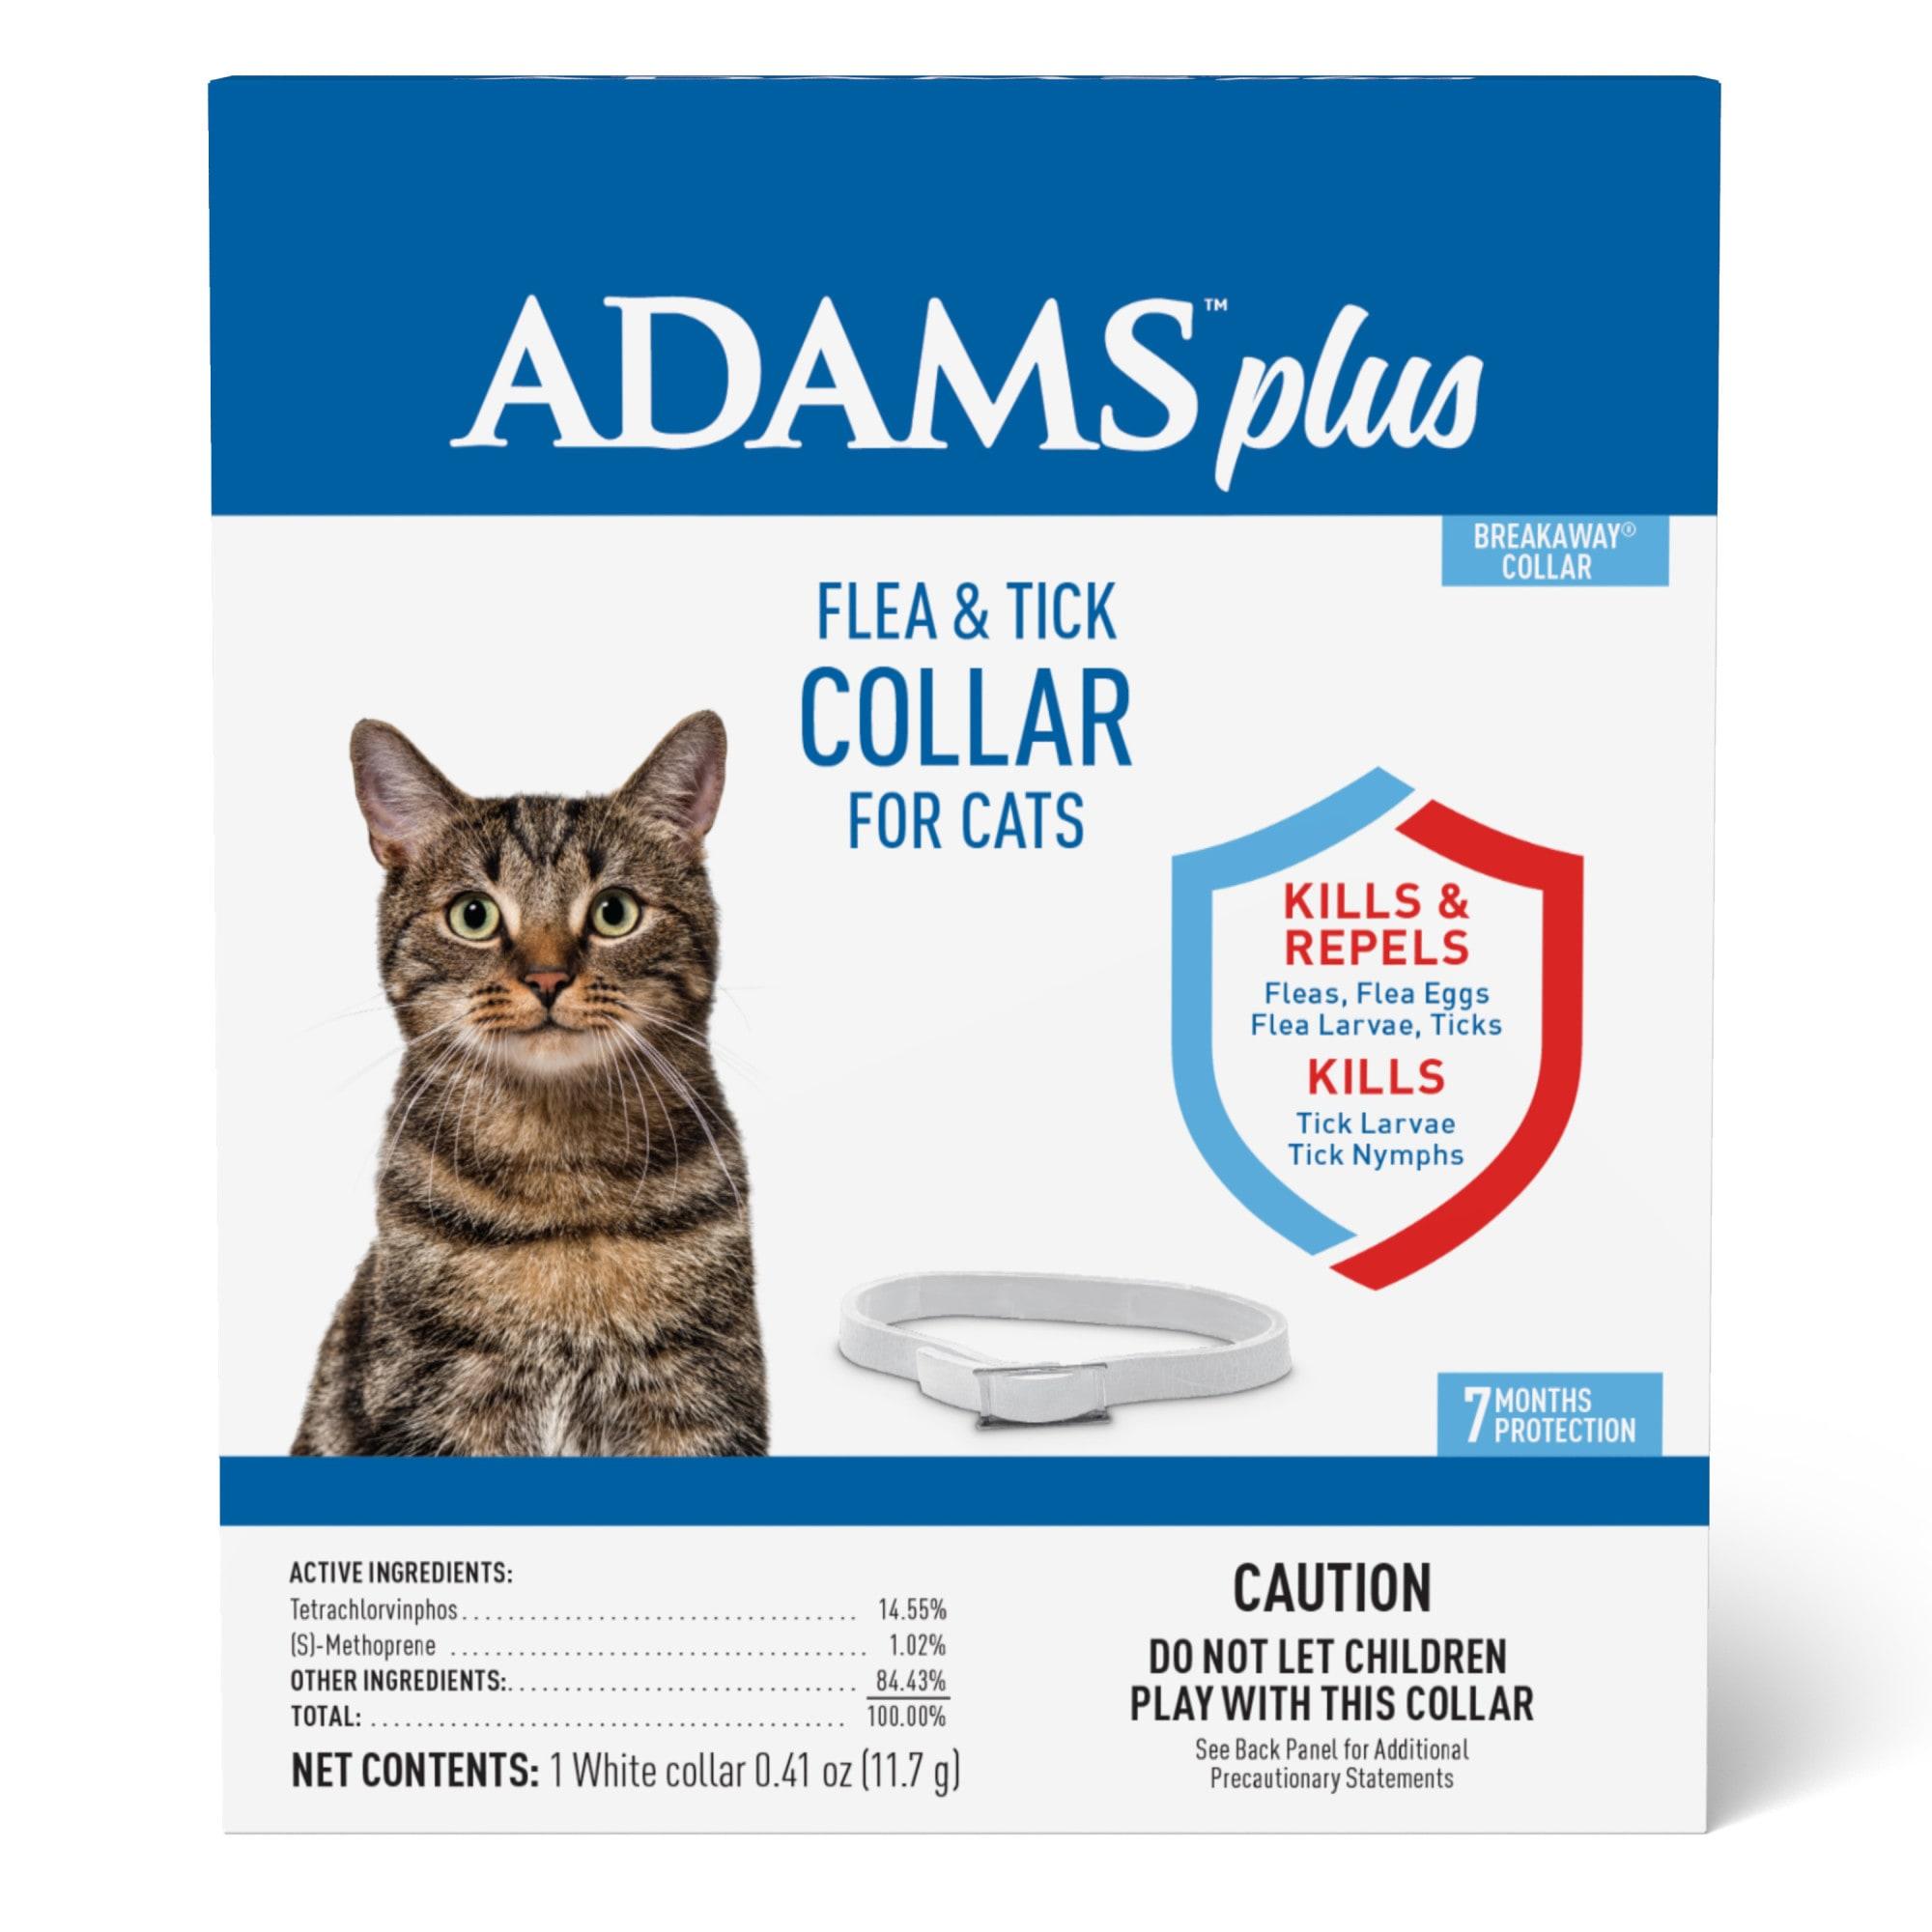 collar kills fleas, flea eggs and larvae